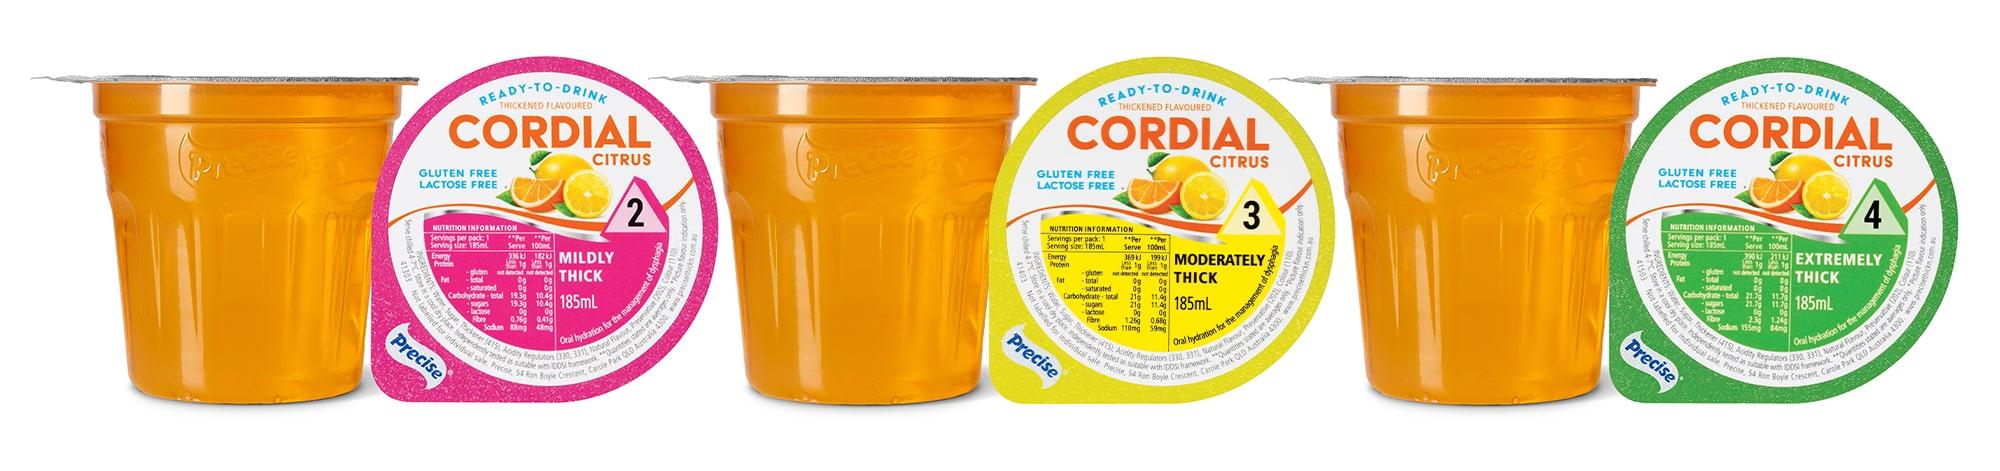 RTD Citrus Cordial